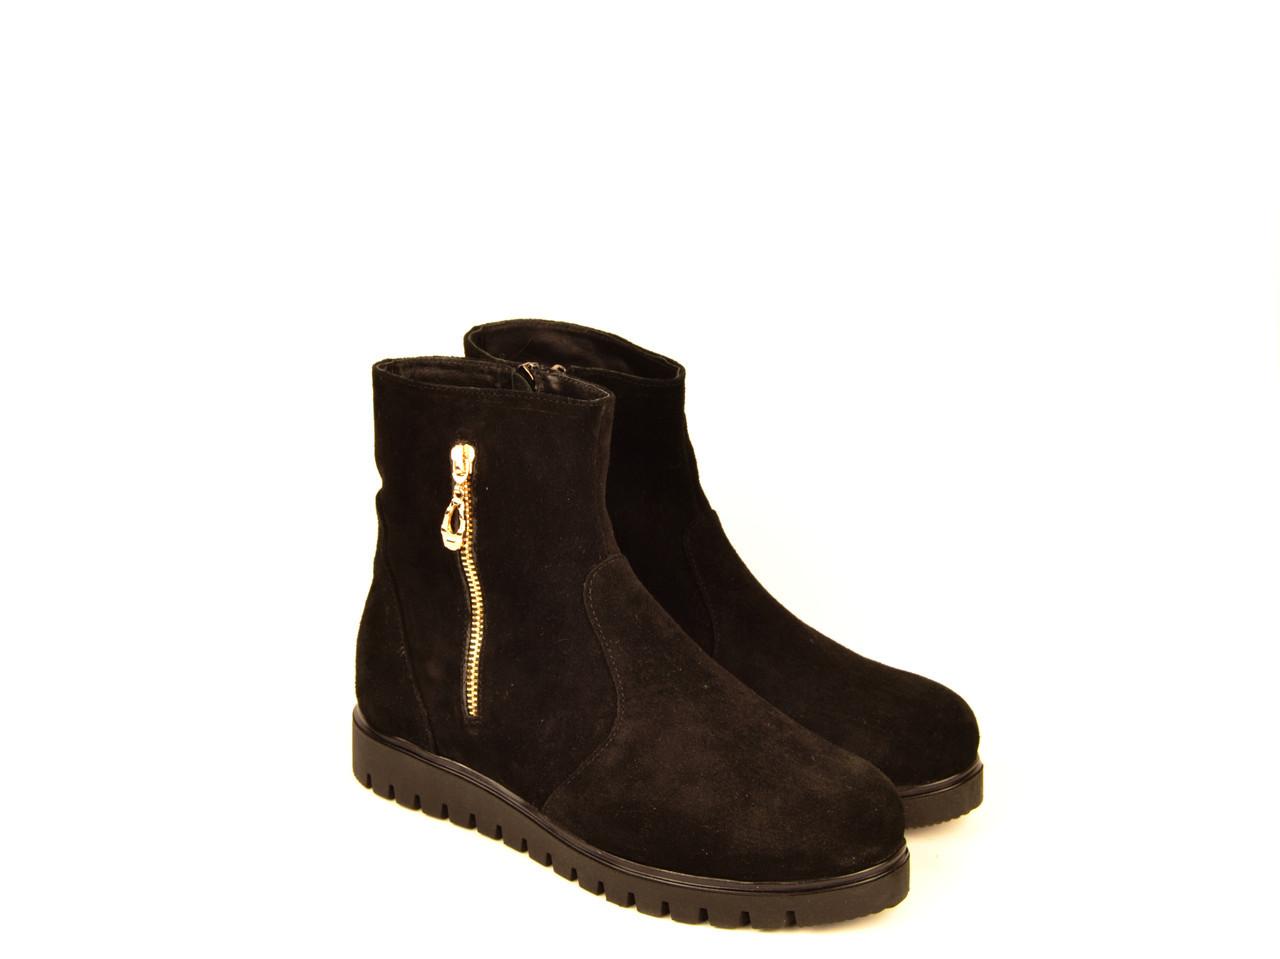 Ботинки подростковые девочке натуральная замша черные  зимние и демисезонные 153015